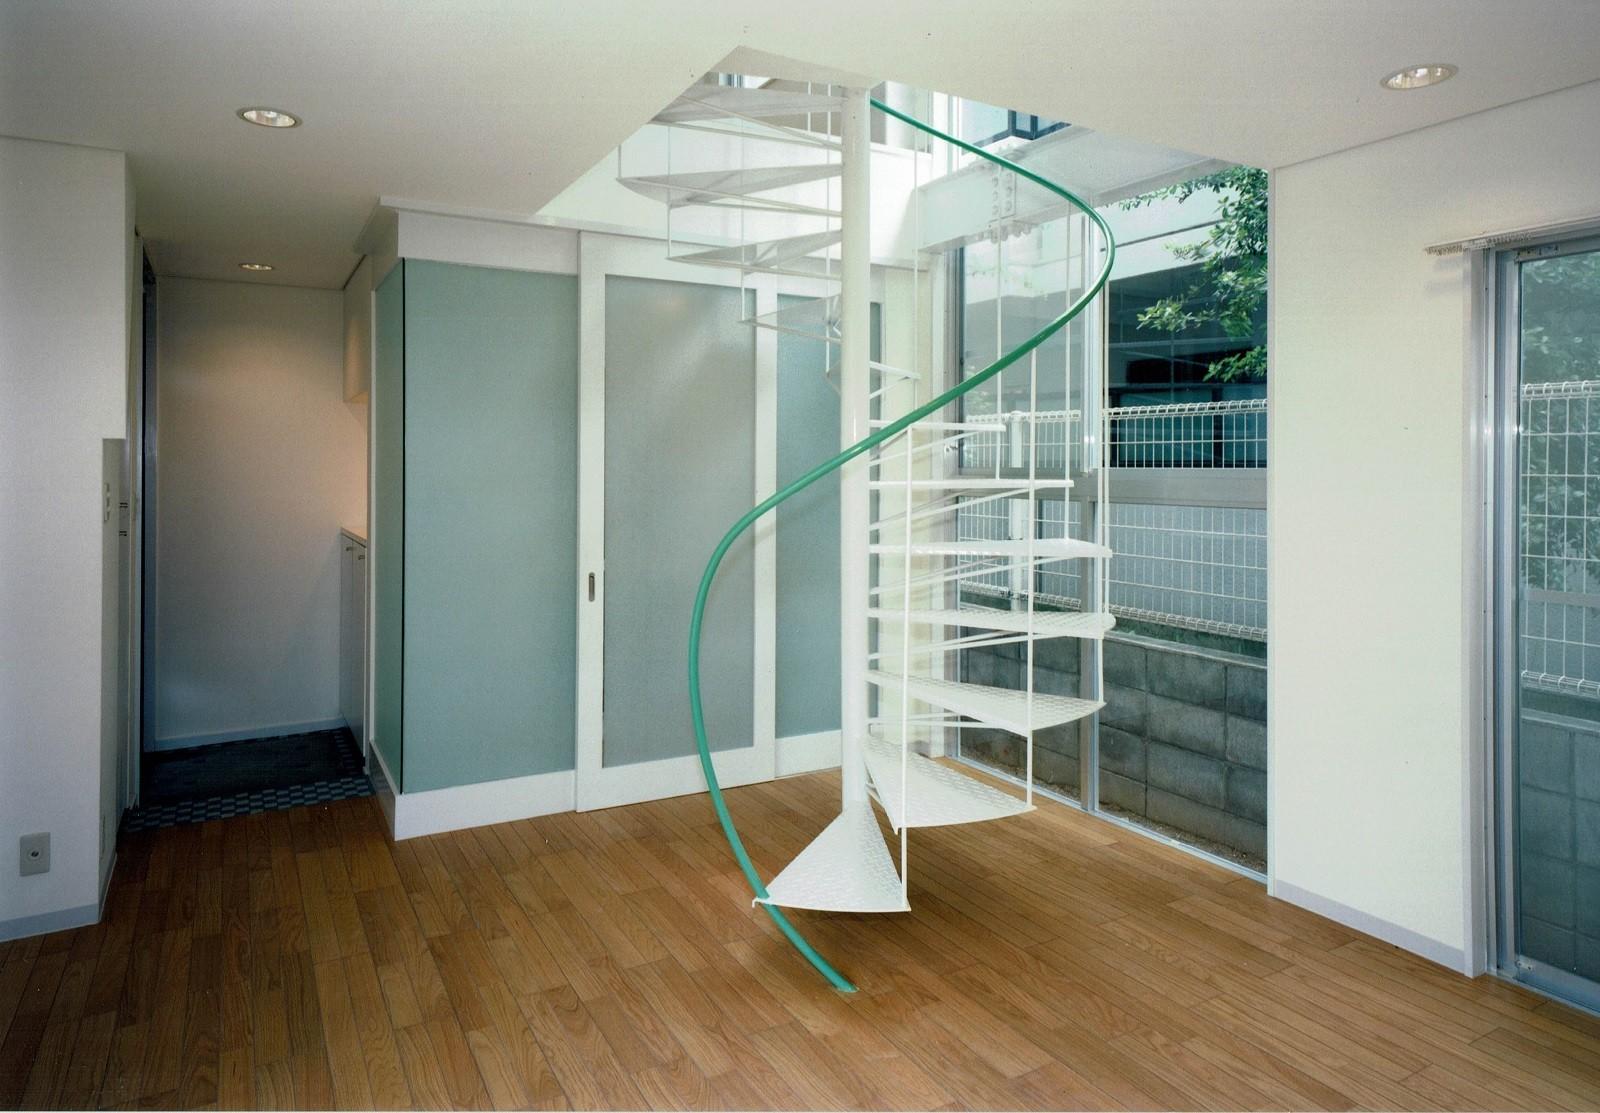 リビングダイニング事例:リビング~らせん階段(ポップなカラーの子供が楽しむ鉄骨構造の狭小住宅(Kid`s House):天井が高い住まい)